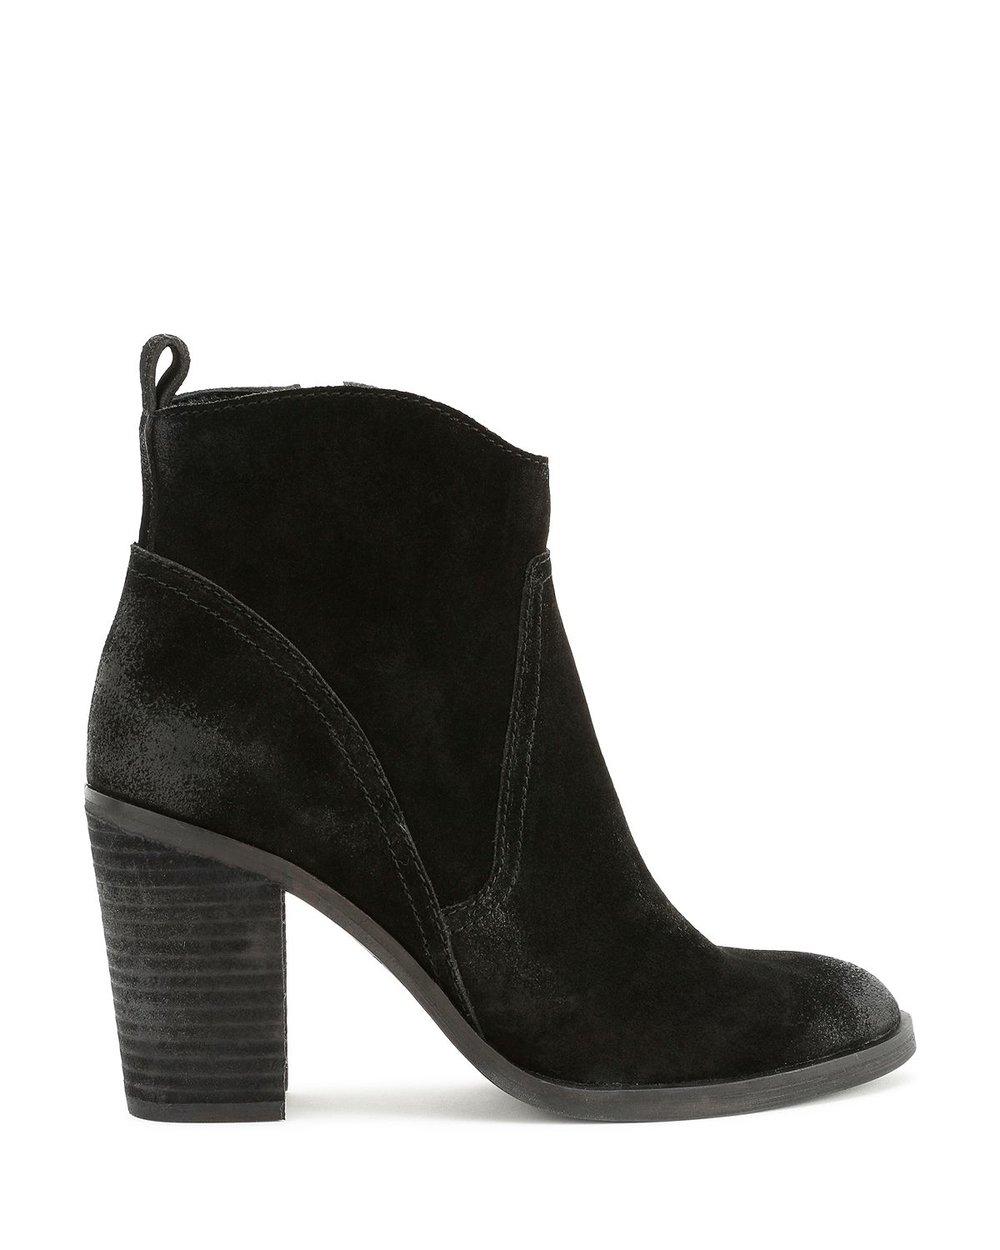 dolce vita black booties.jpg